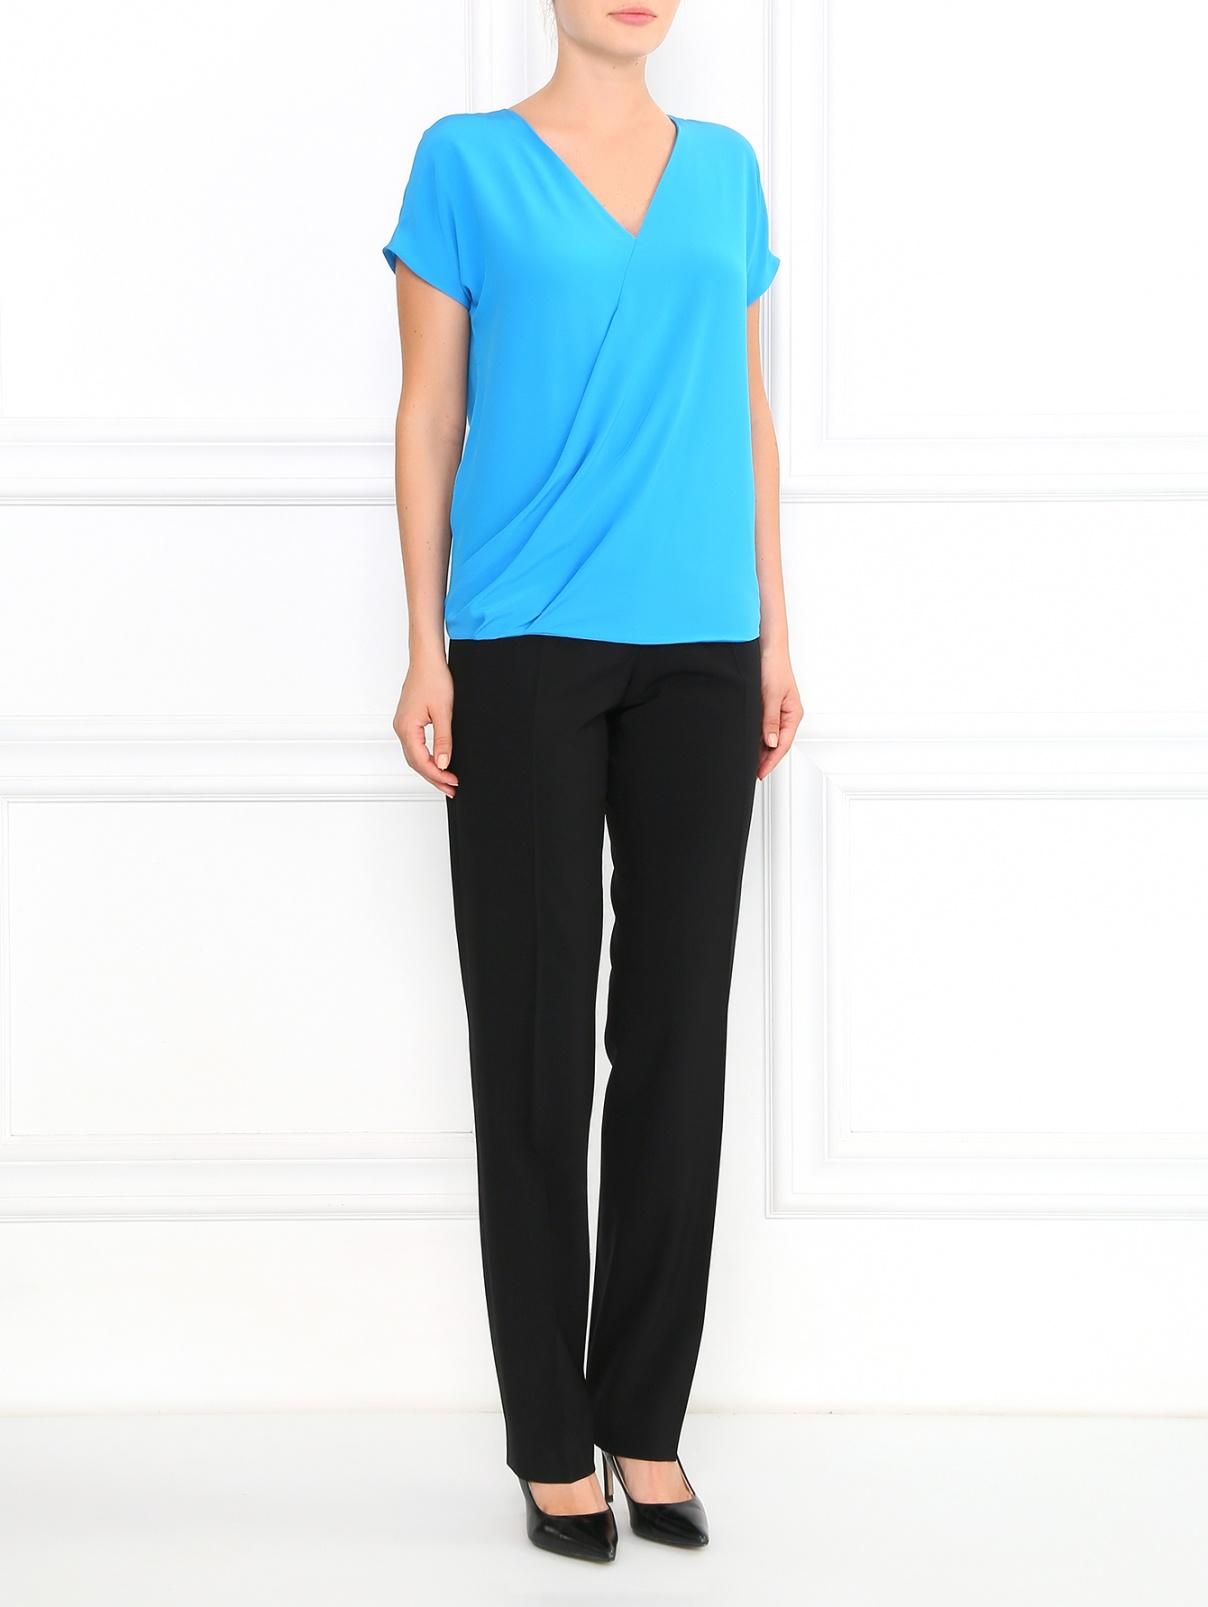 Блуза из шелка с запахом Etro  –  Модель Общий вид  – Цвет:  Синий